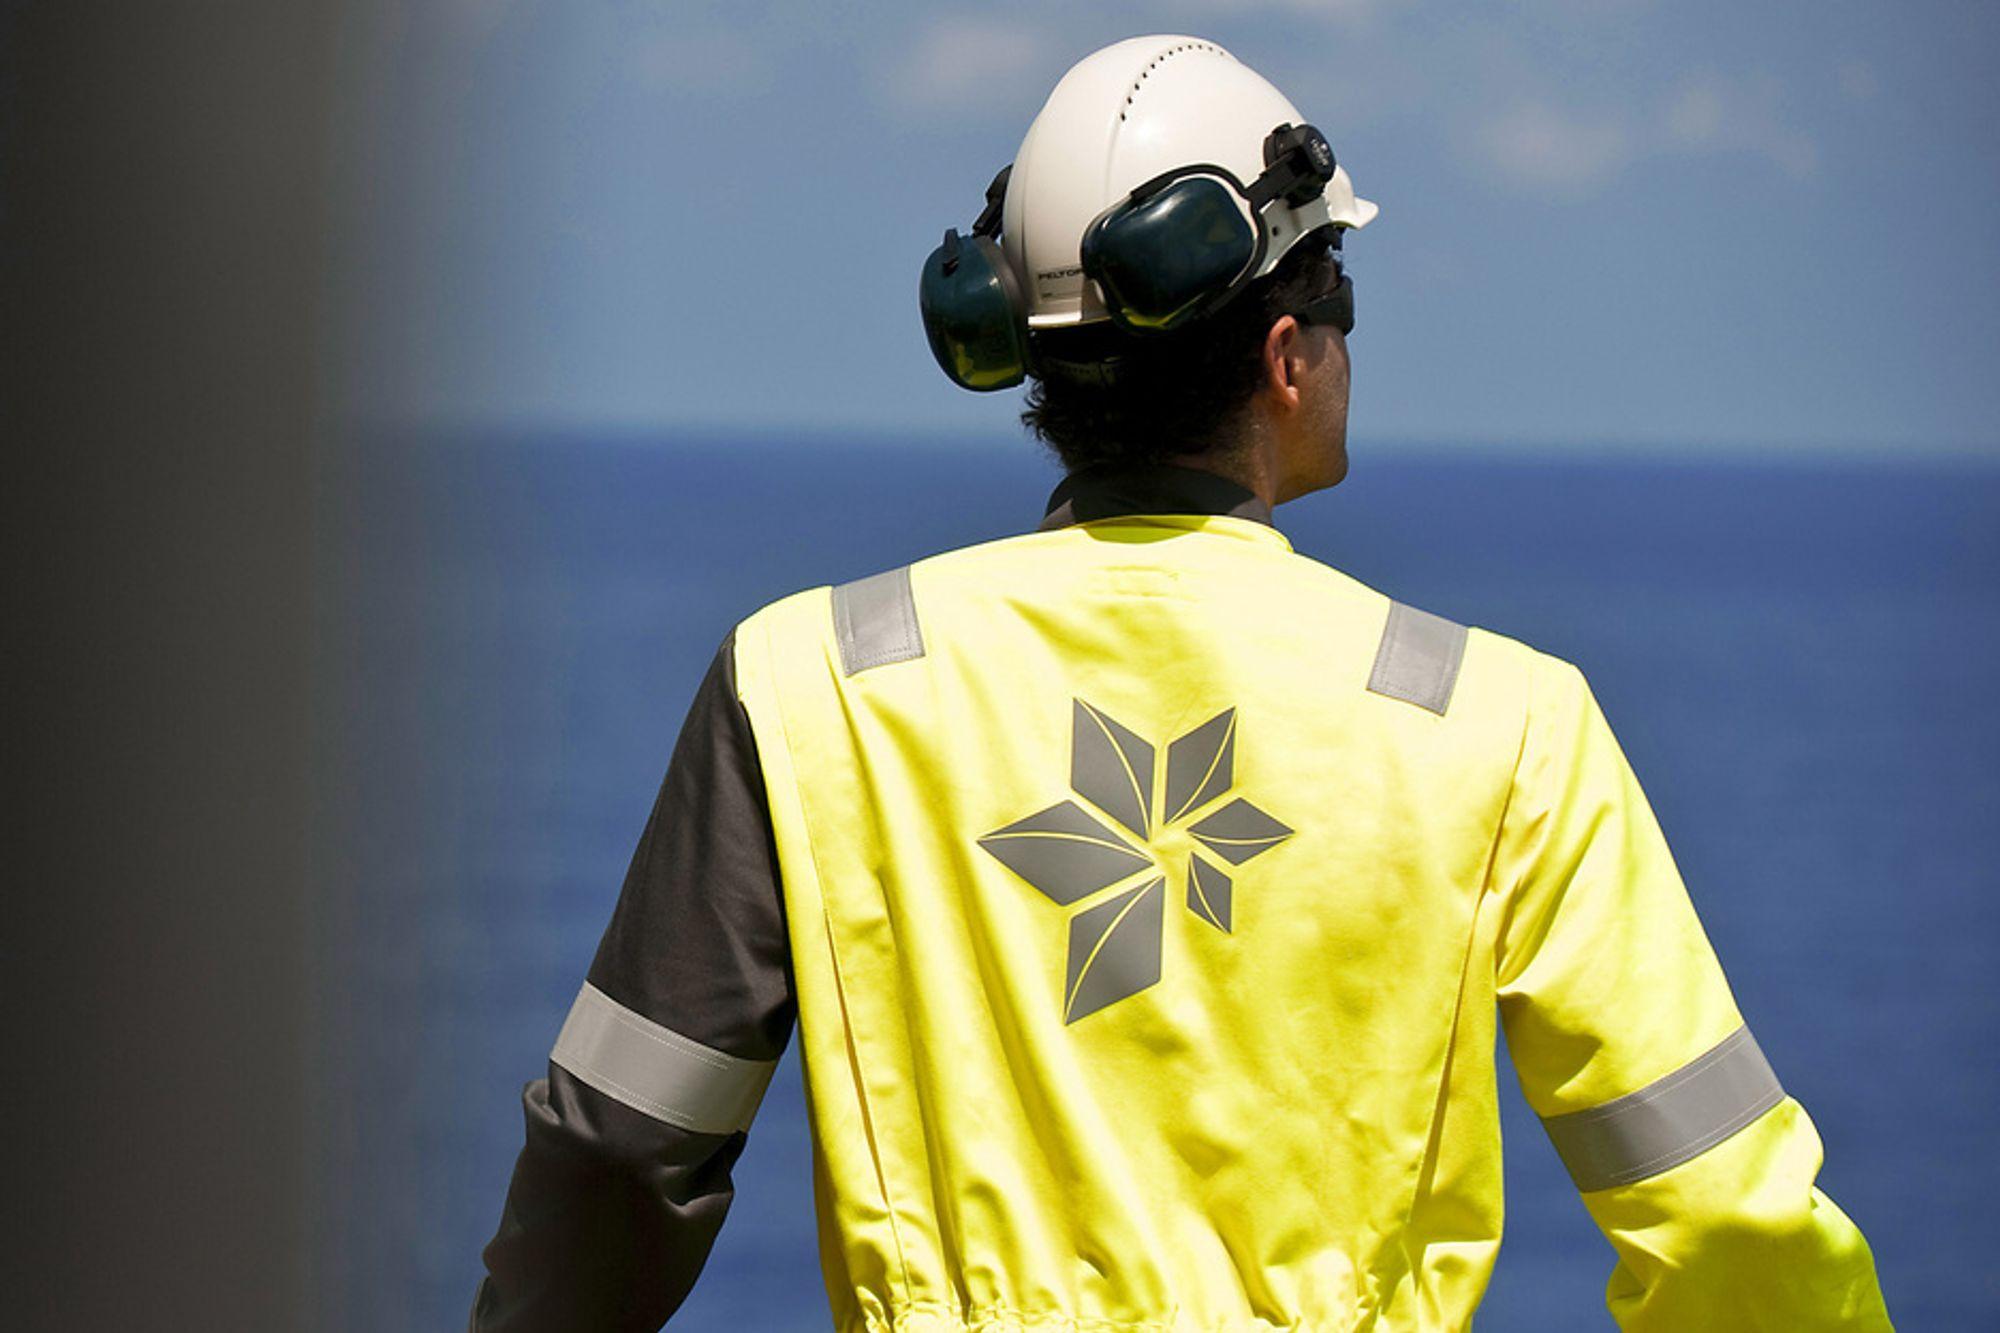 I KLOAKKEN: OLF vil kartlegge rusmisbruk offshore ved å teste kloakkvann på to utvalgte installasjoner. ILLUSTRASJON.